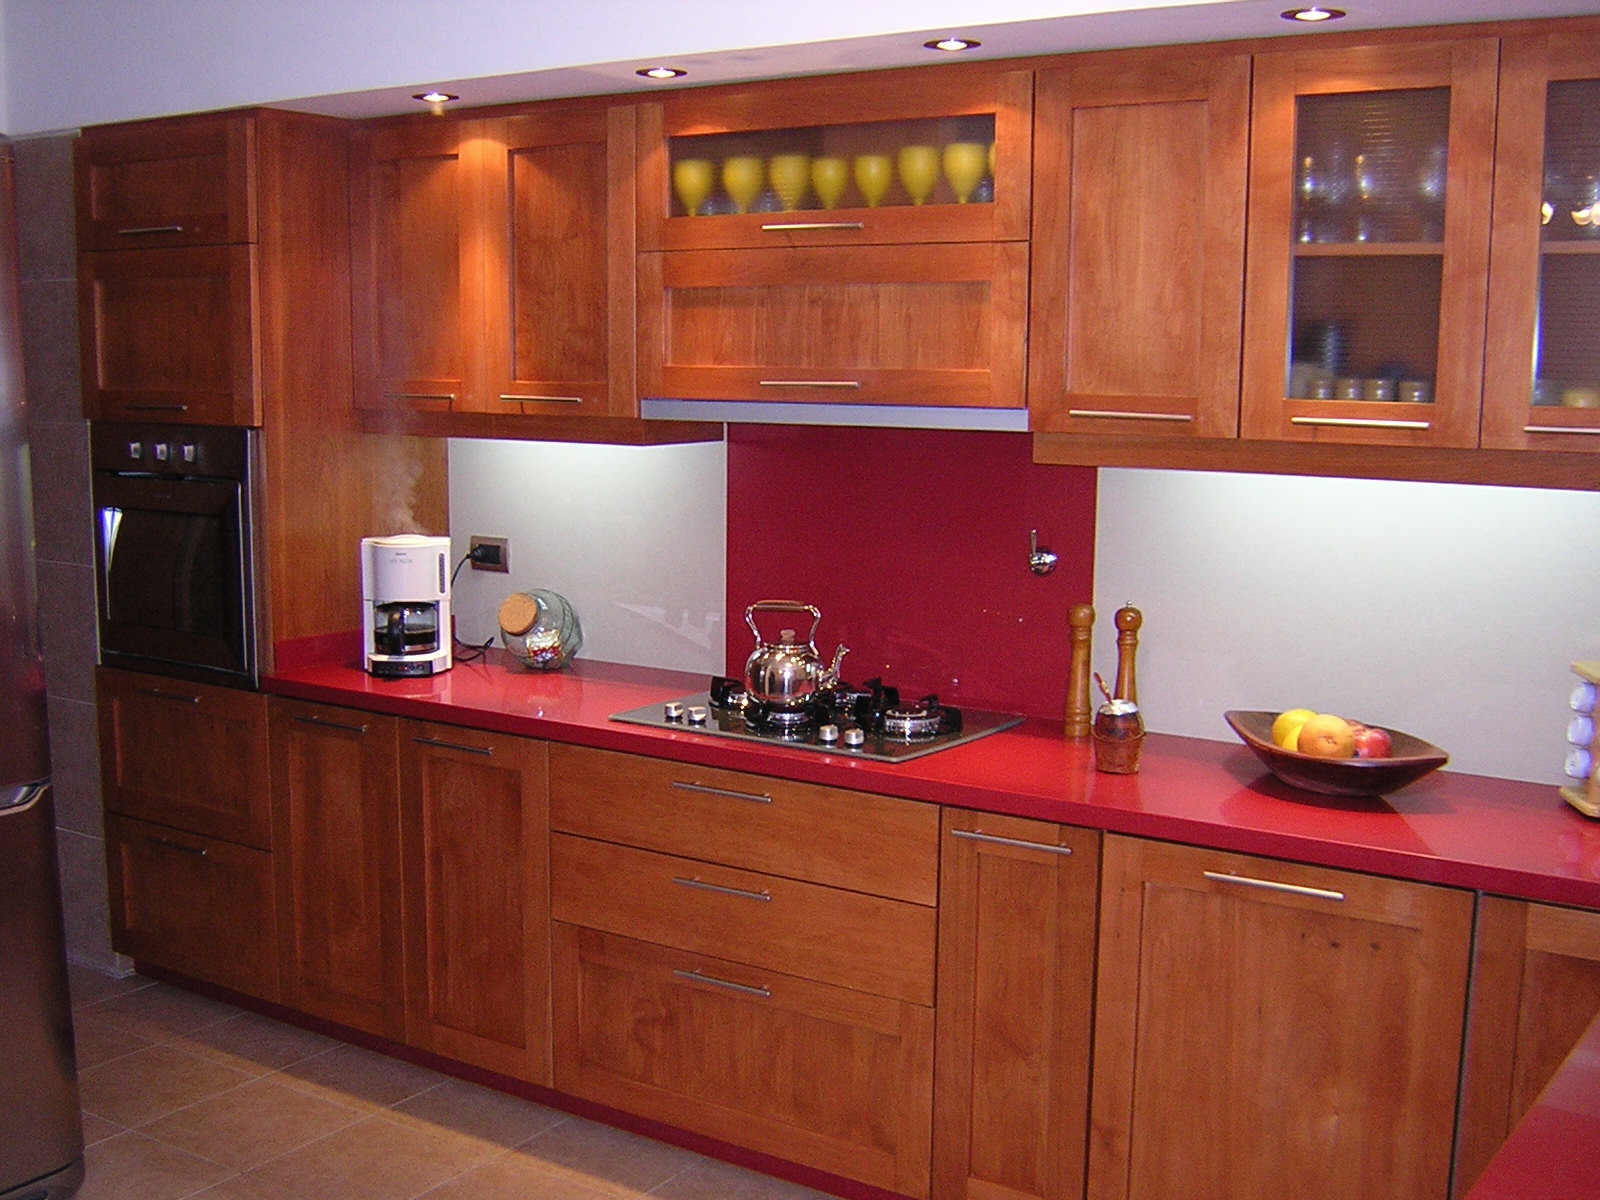 Ixtus amoblamientos muebles de cocina madera for Muebles cocina madera